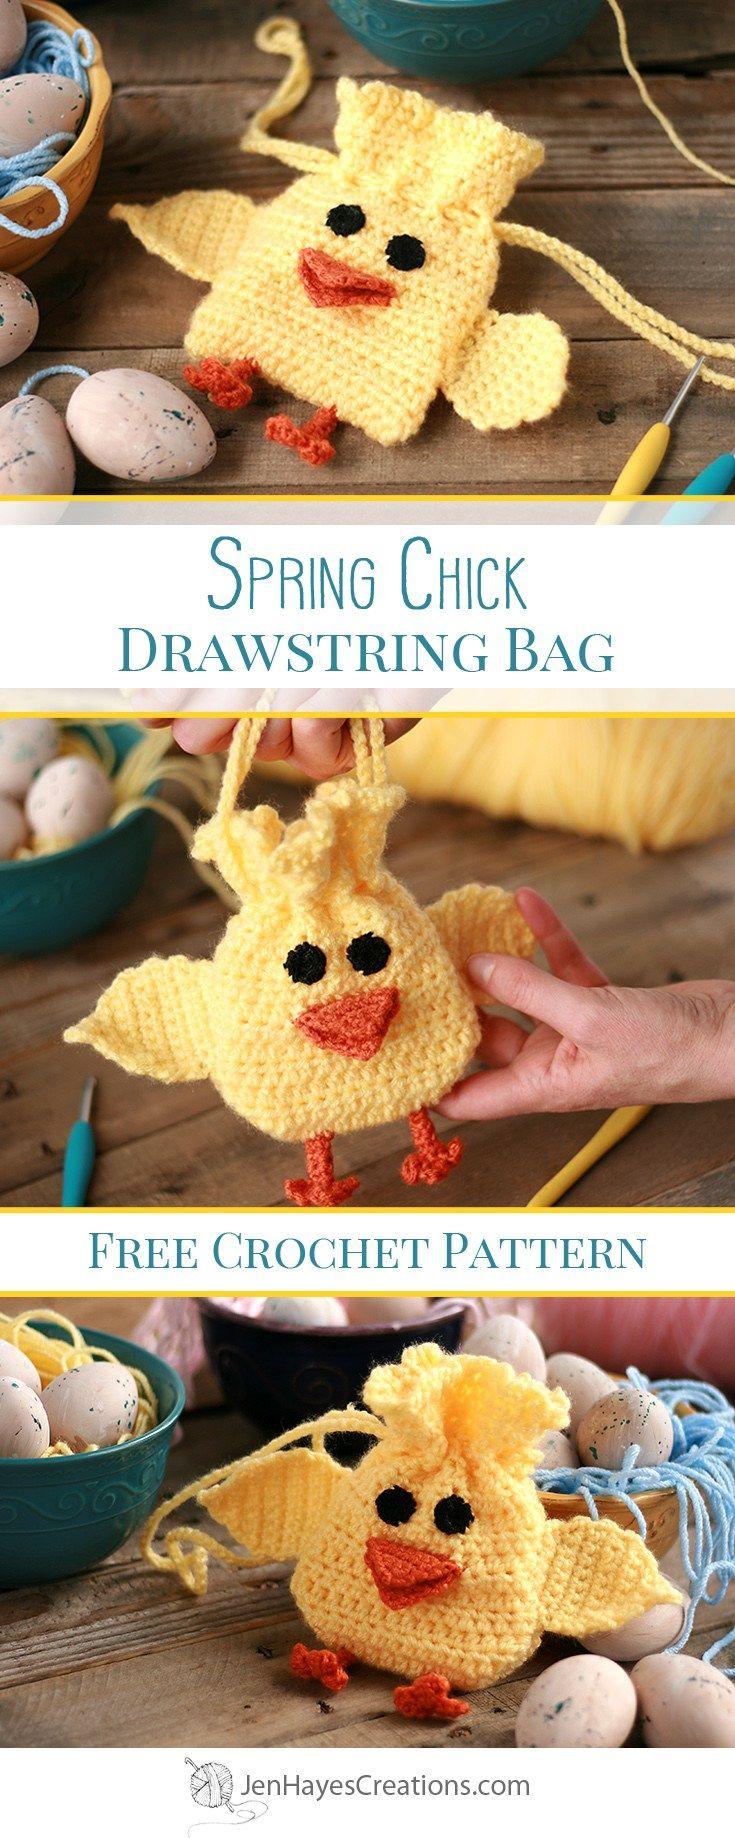 Spring Chick Crochet Drawstring Bag #eastercrochetpatterns